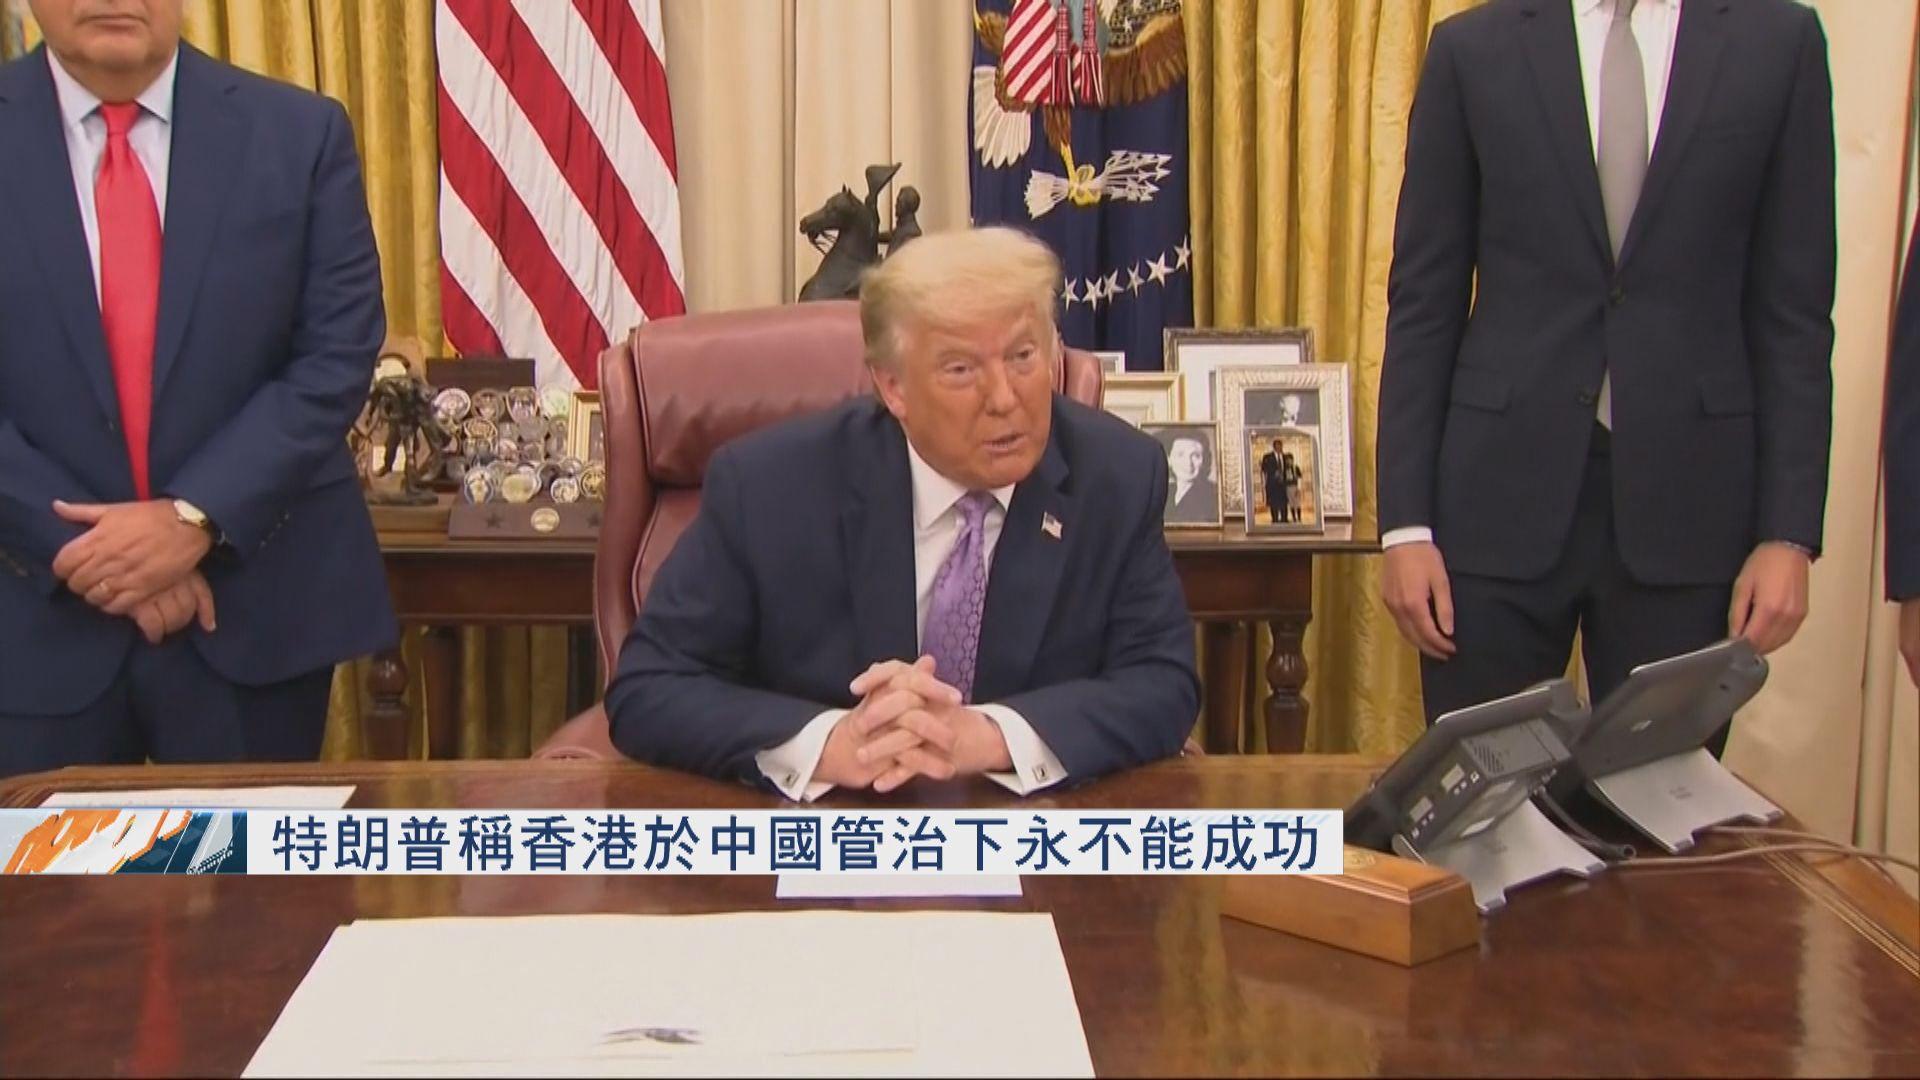 特朗普:香港於中國管治下永不能成功